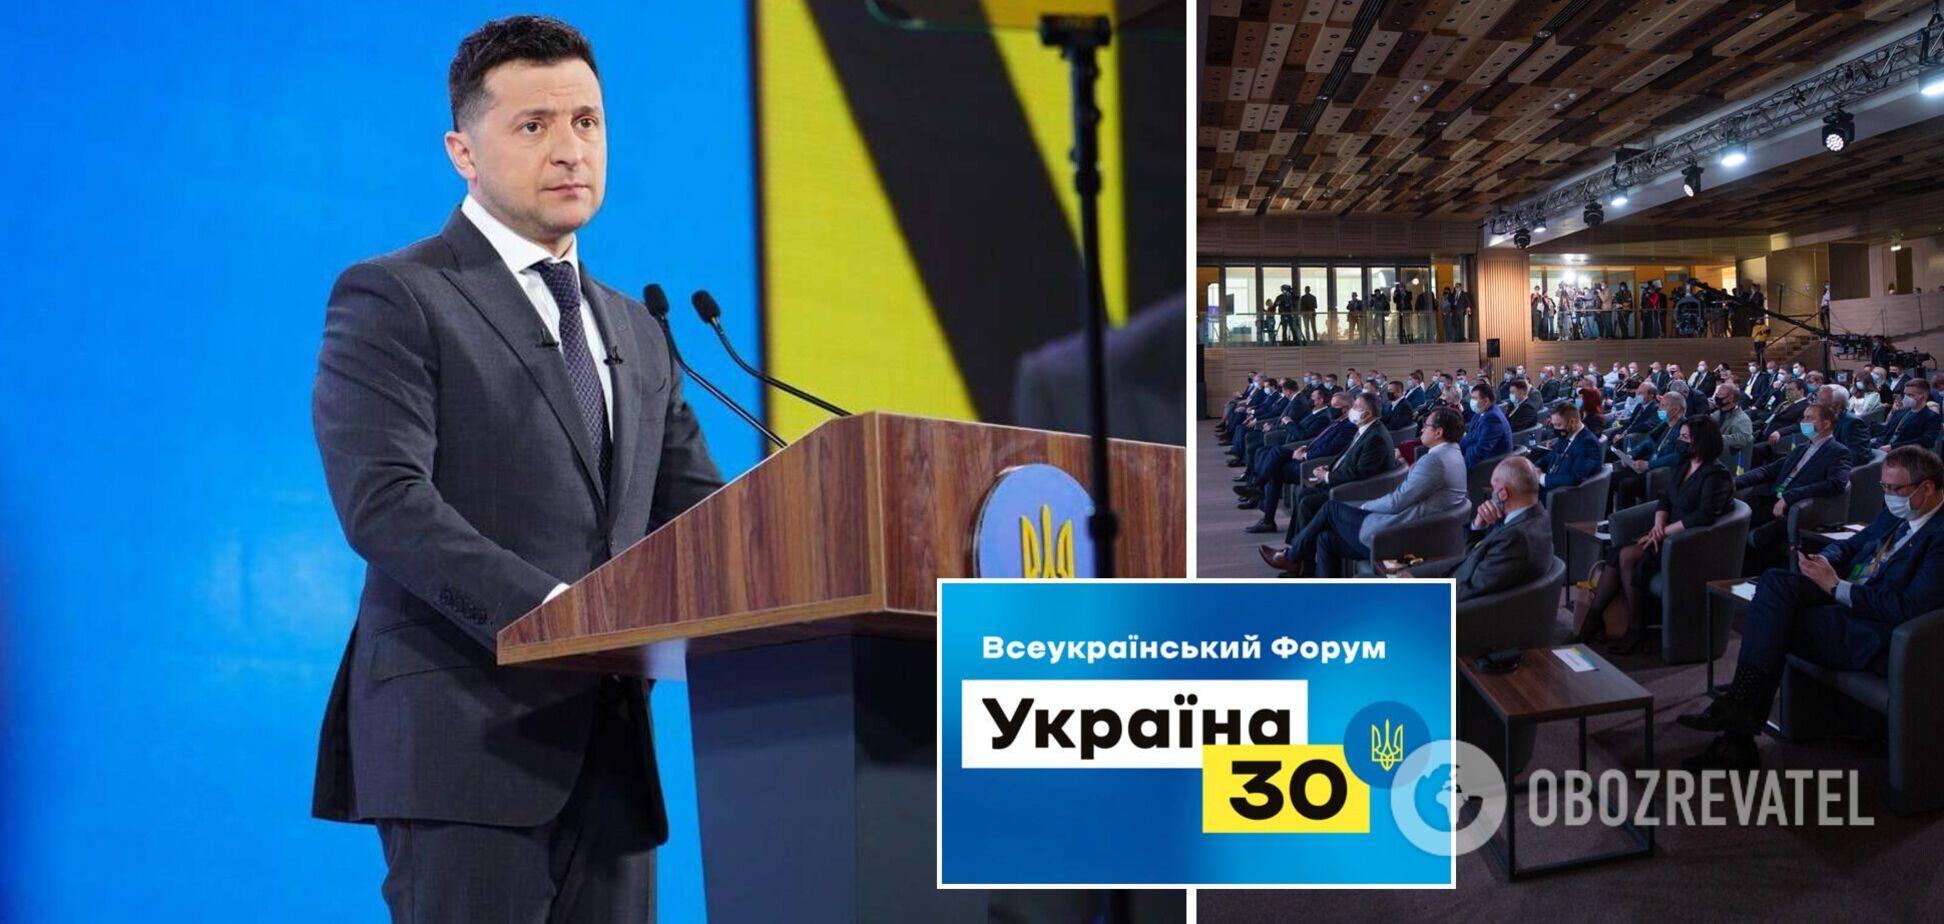 Ускорение вакцинации, переговоры с РФ и новые тарифы: главное из выступления Зеленского на форуме 'Украина 30'